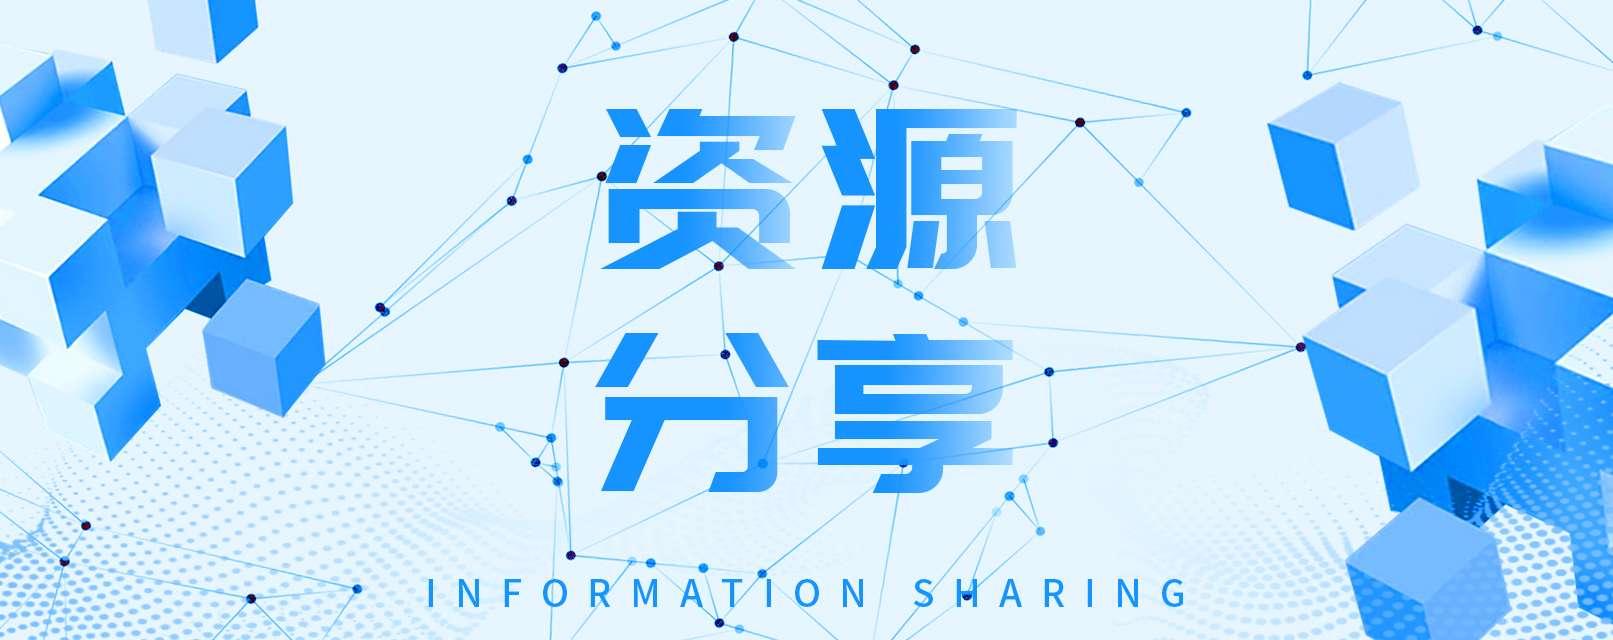 【分享】视说新语 v1.0.1图片内容转化视频!